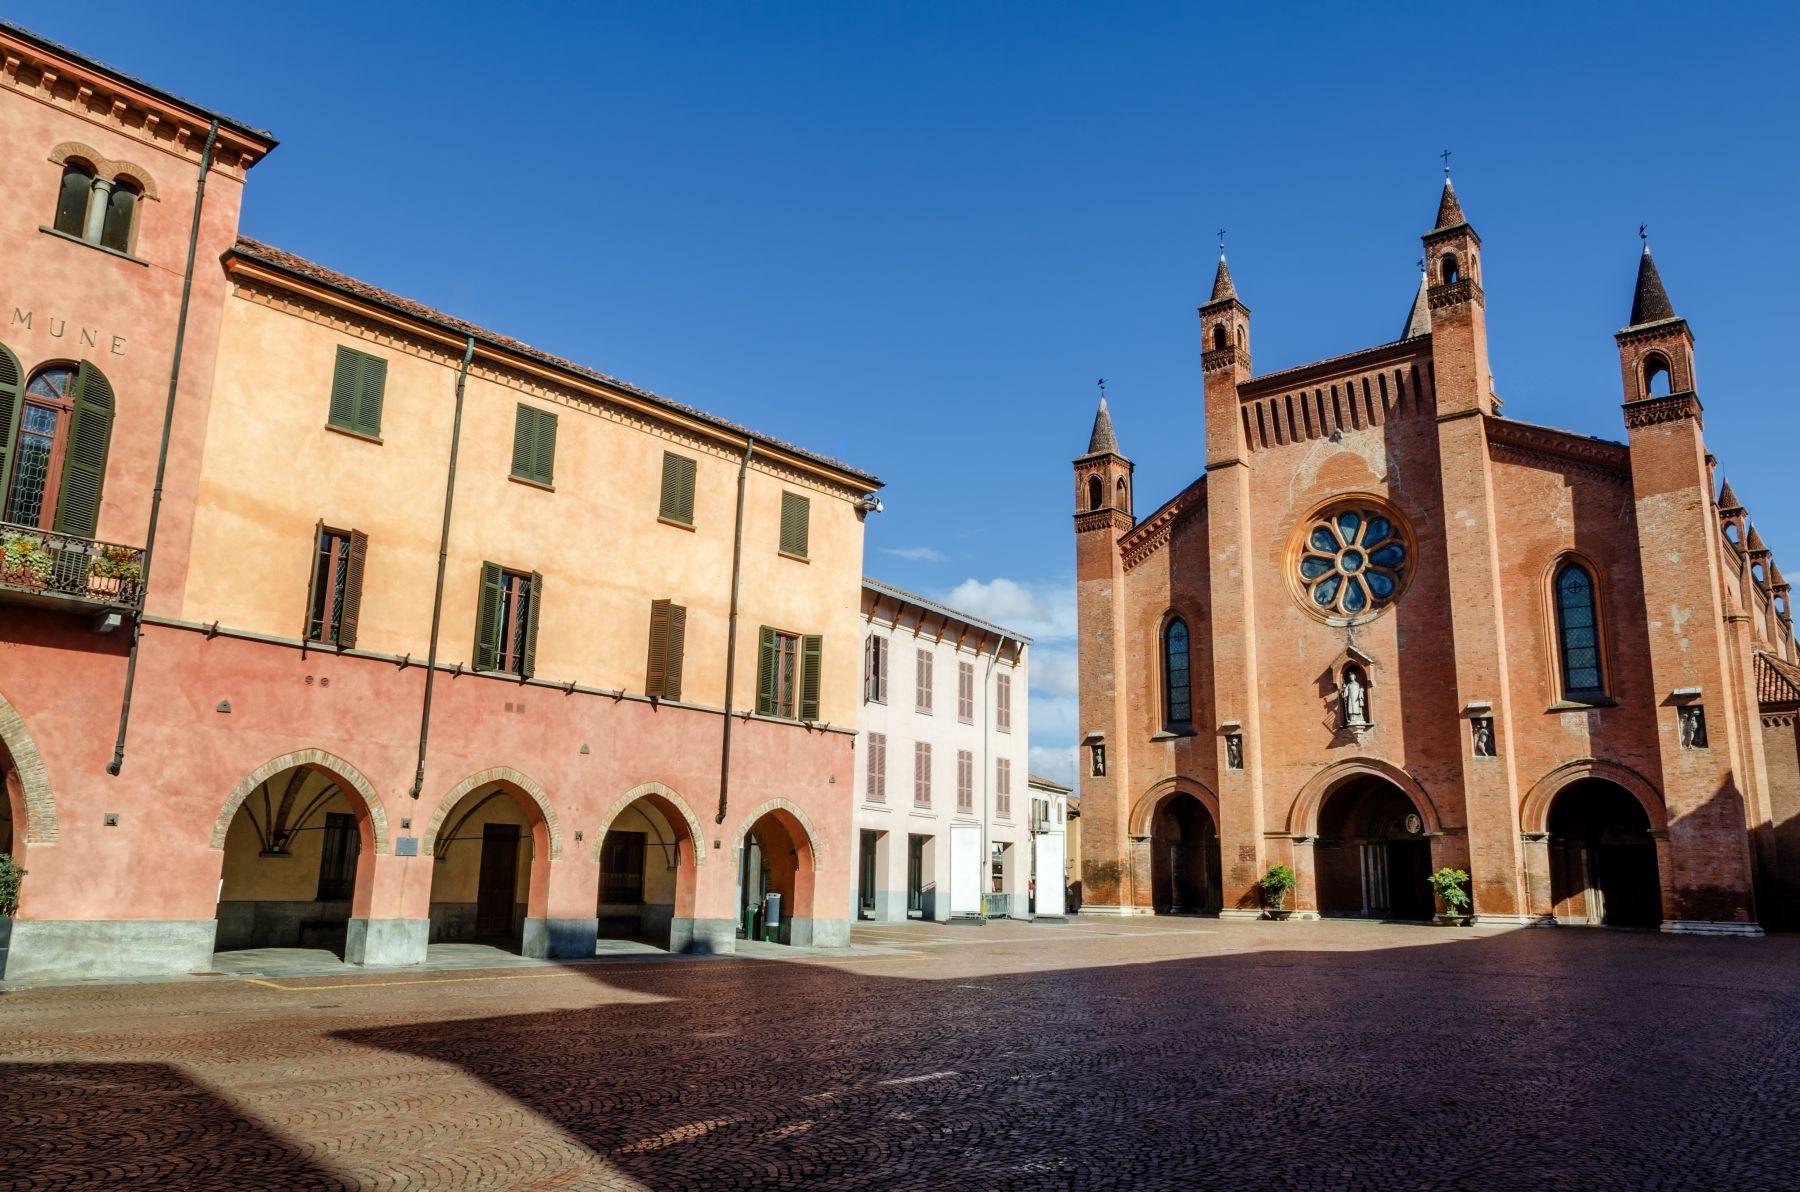 piazza-risorgimento-itinerario-alba-dooid